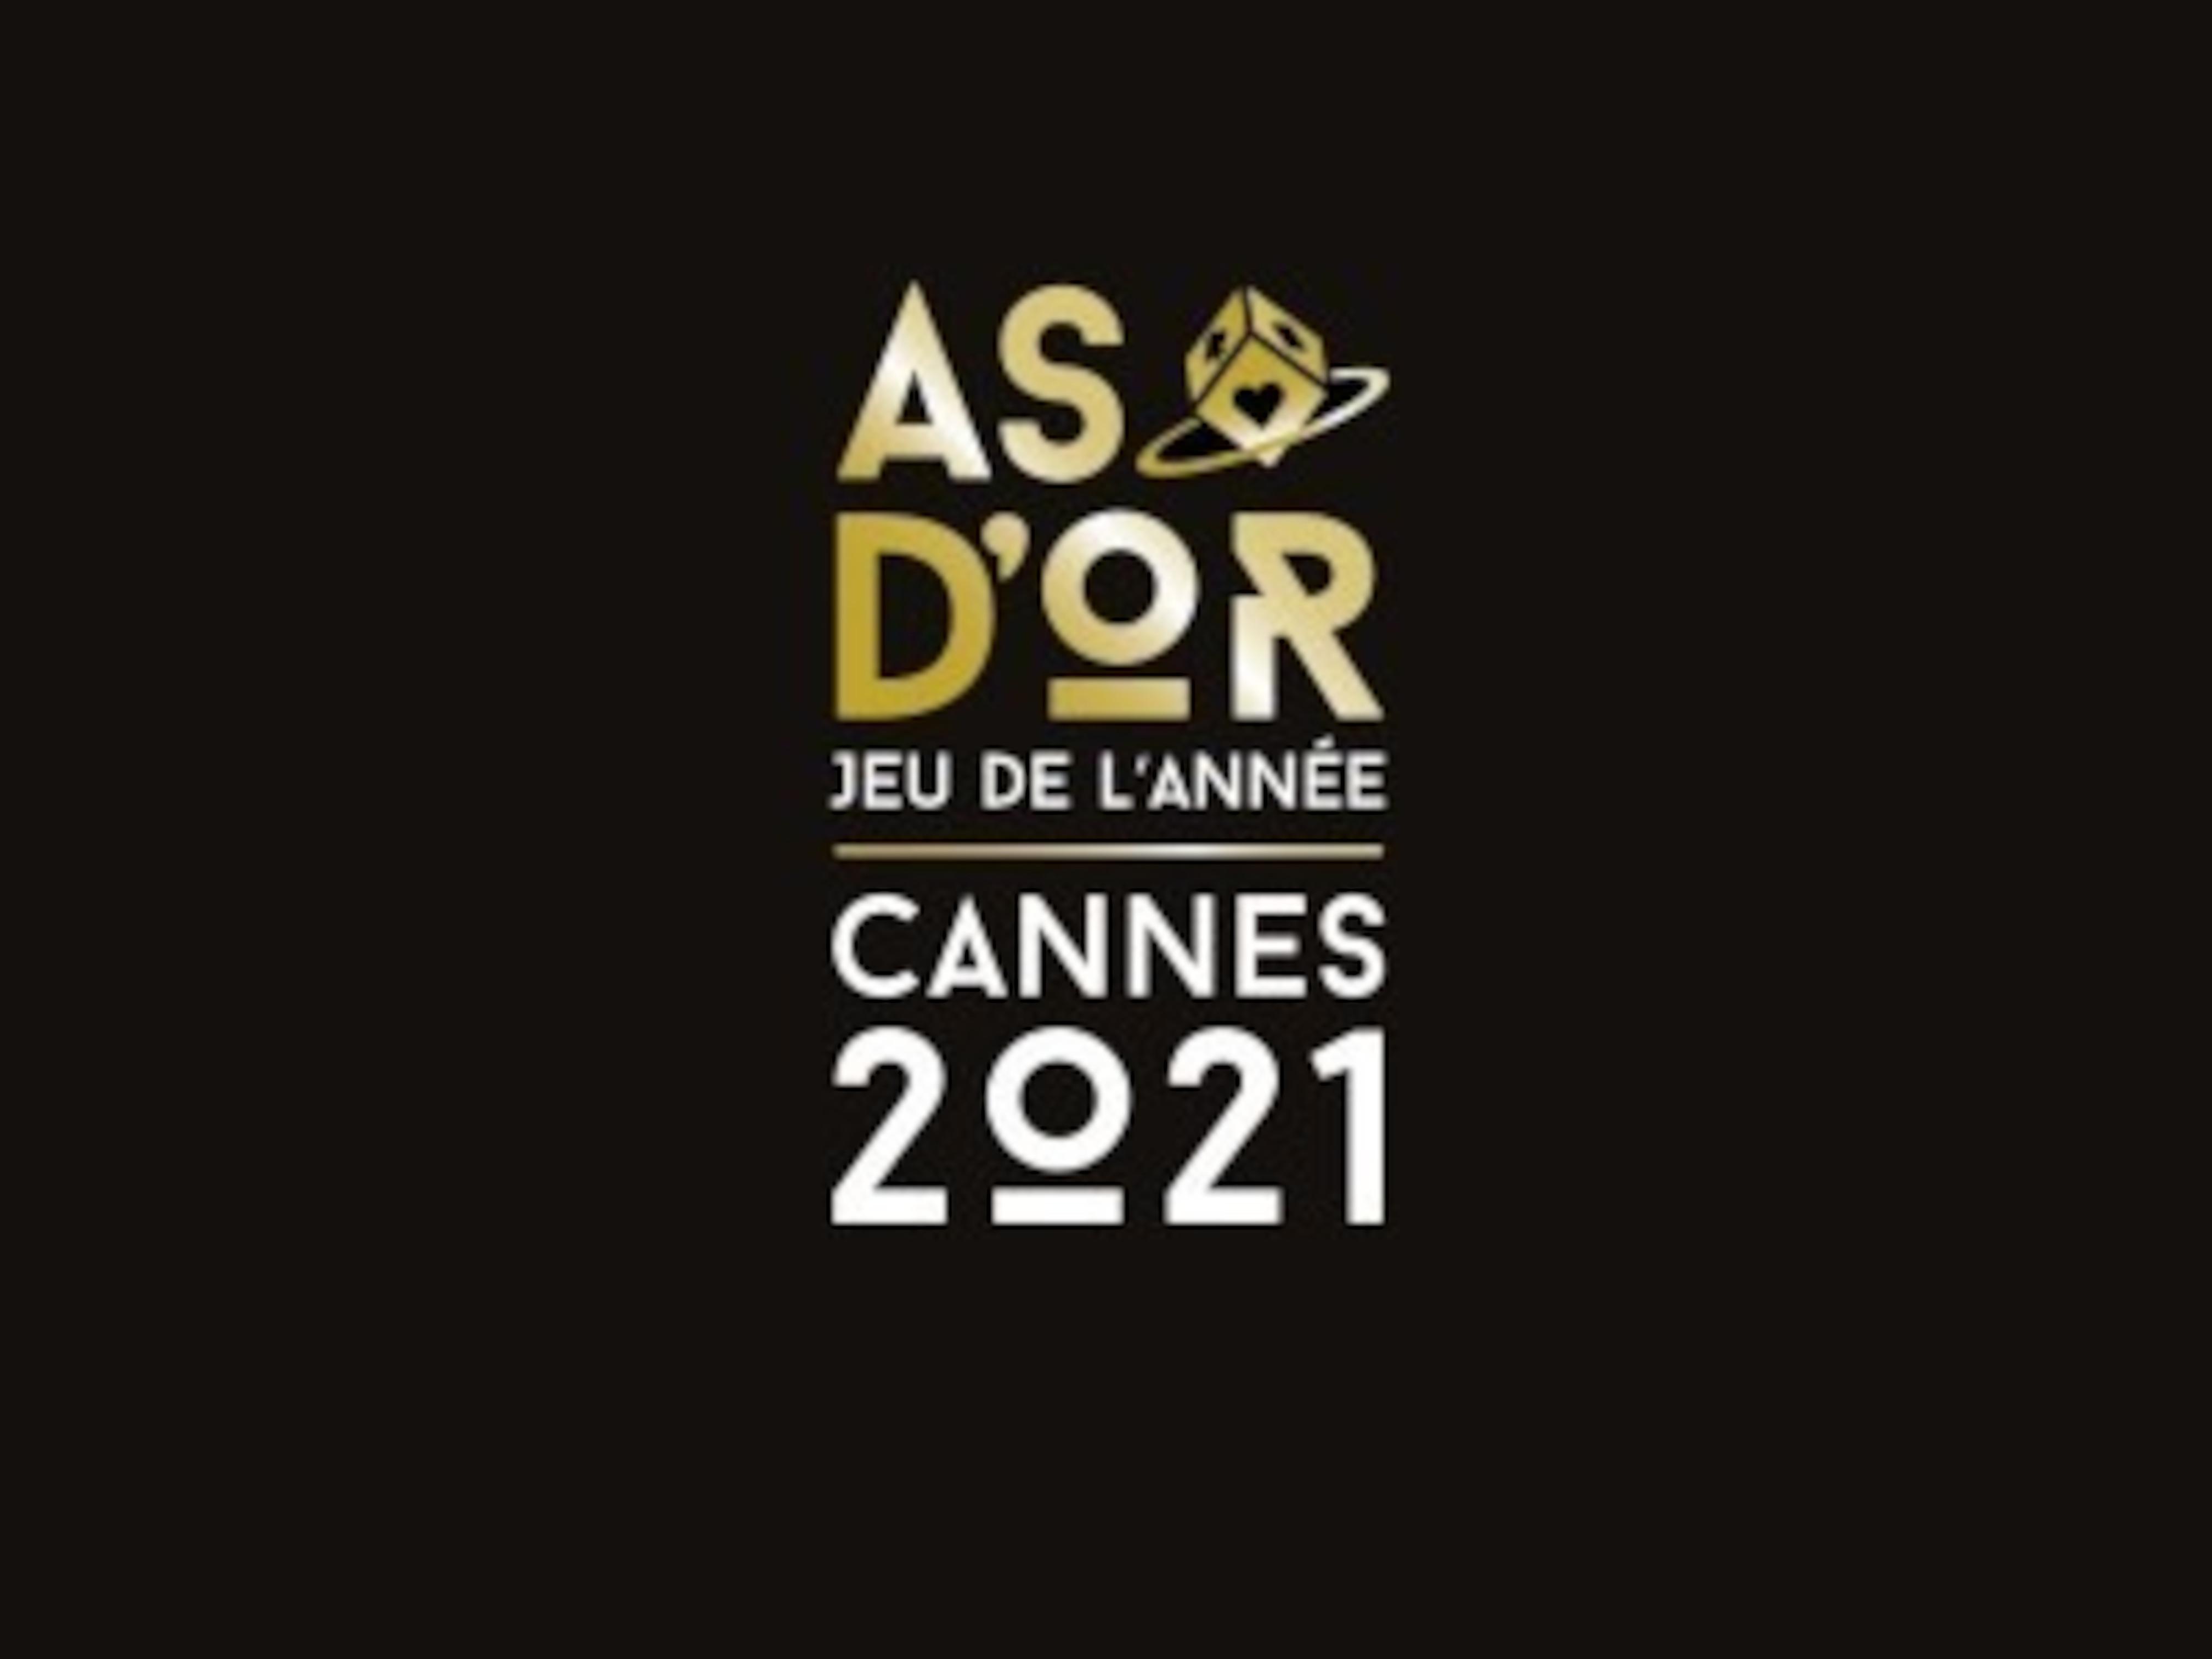 La Sélection du Renard - les As d'Or 2021